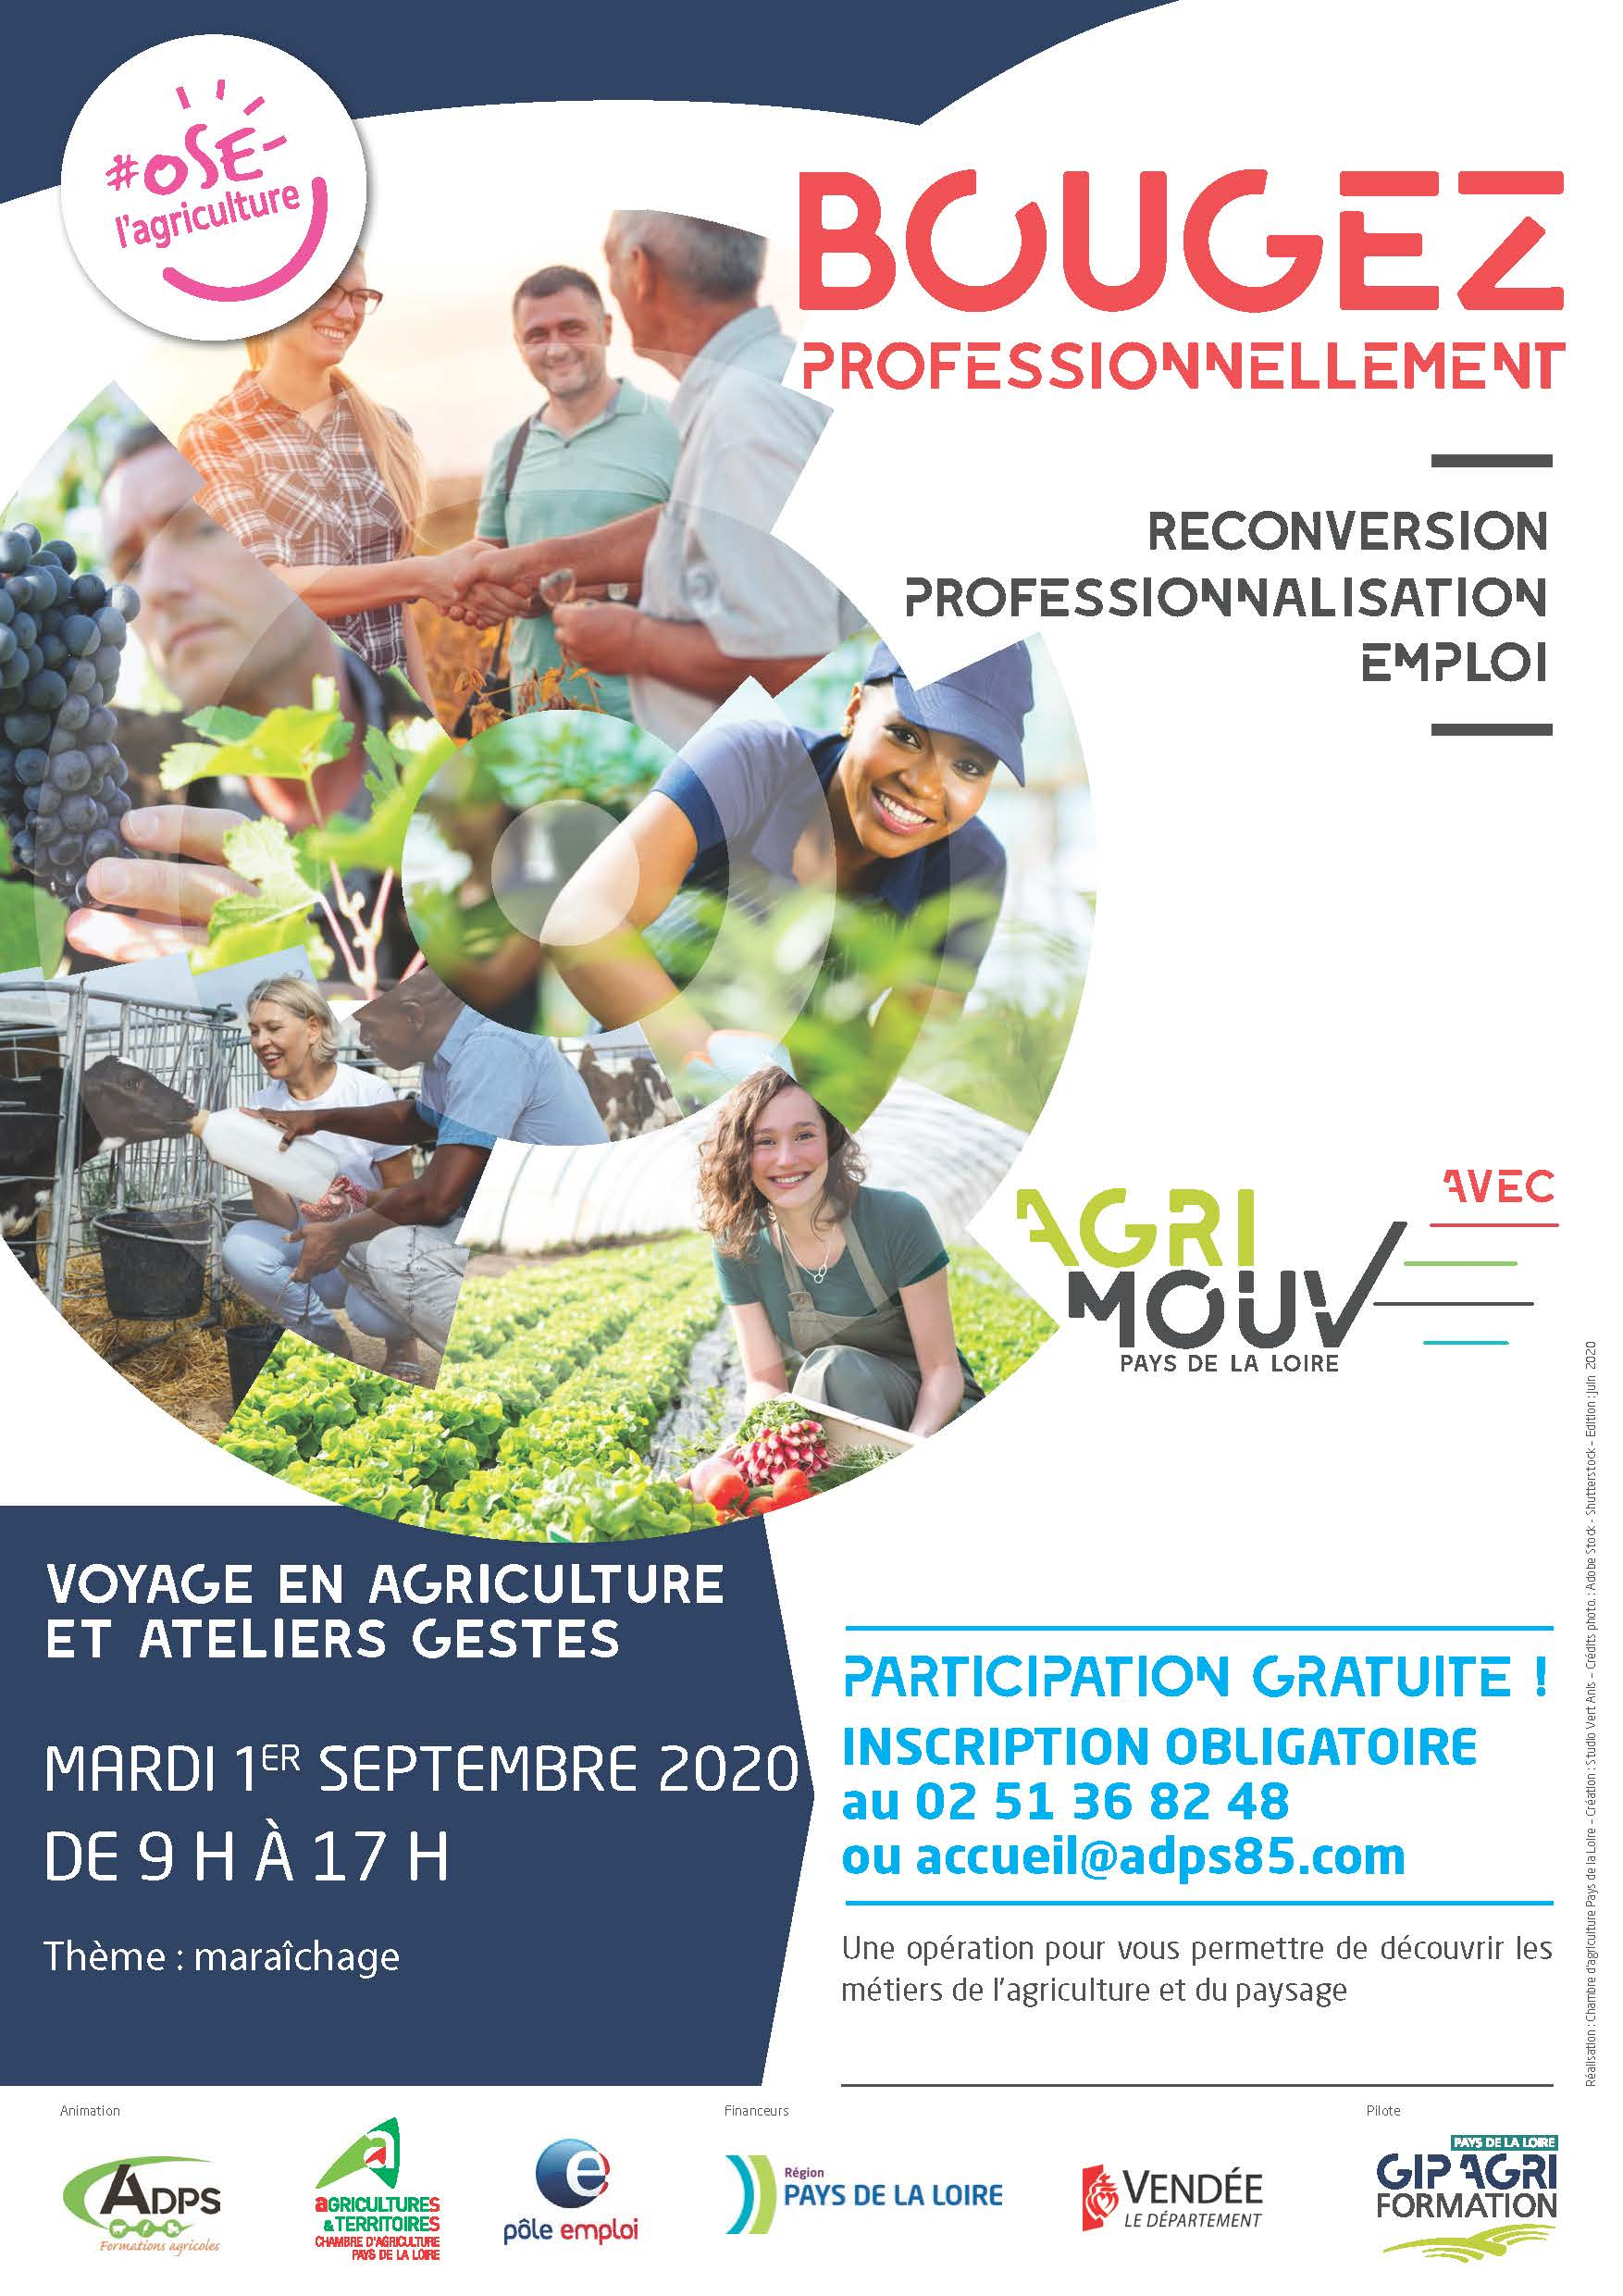 Agri'mouv - Voyage découverte